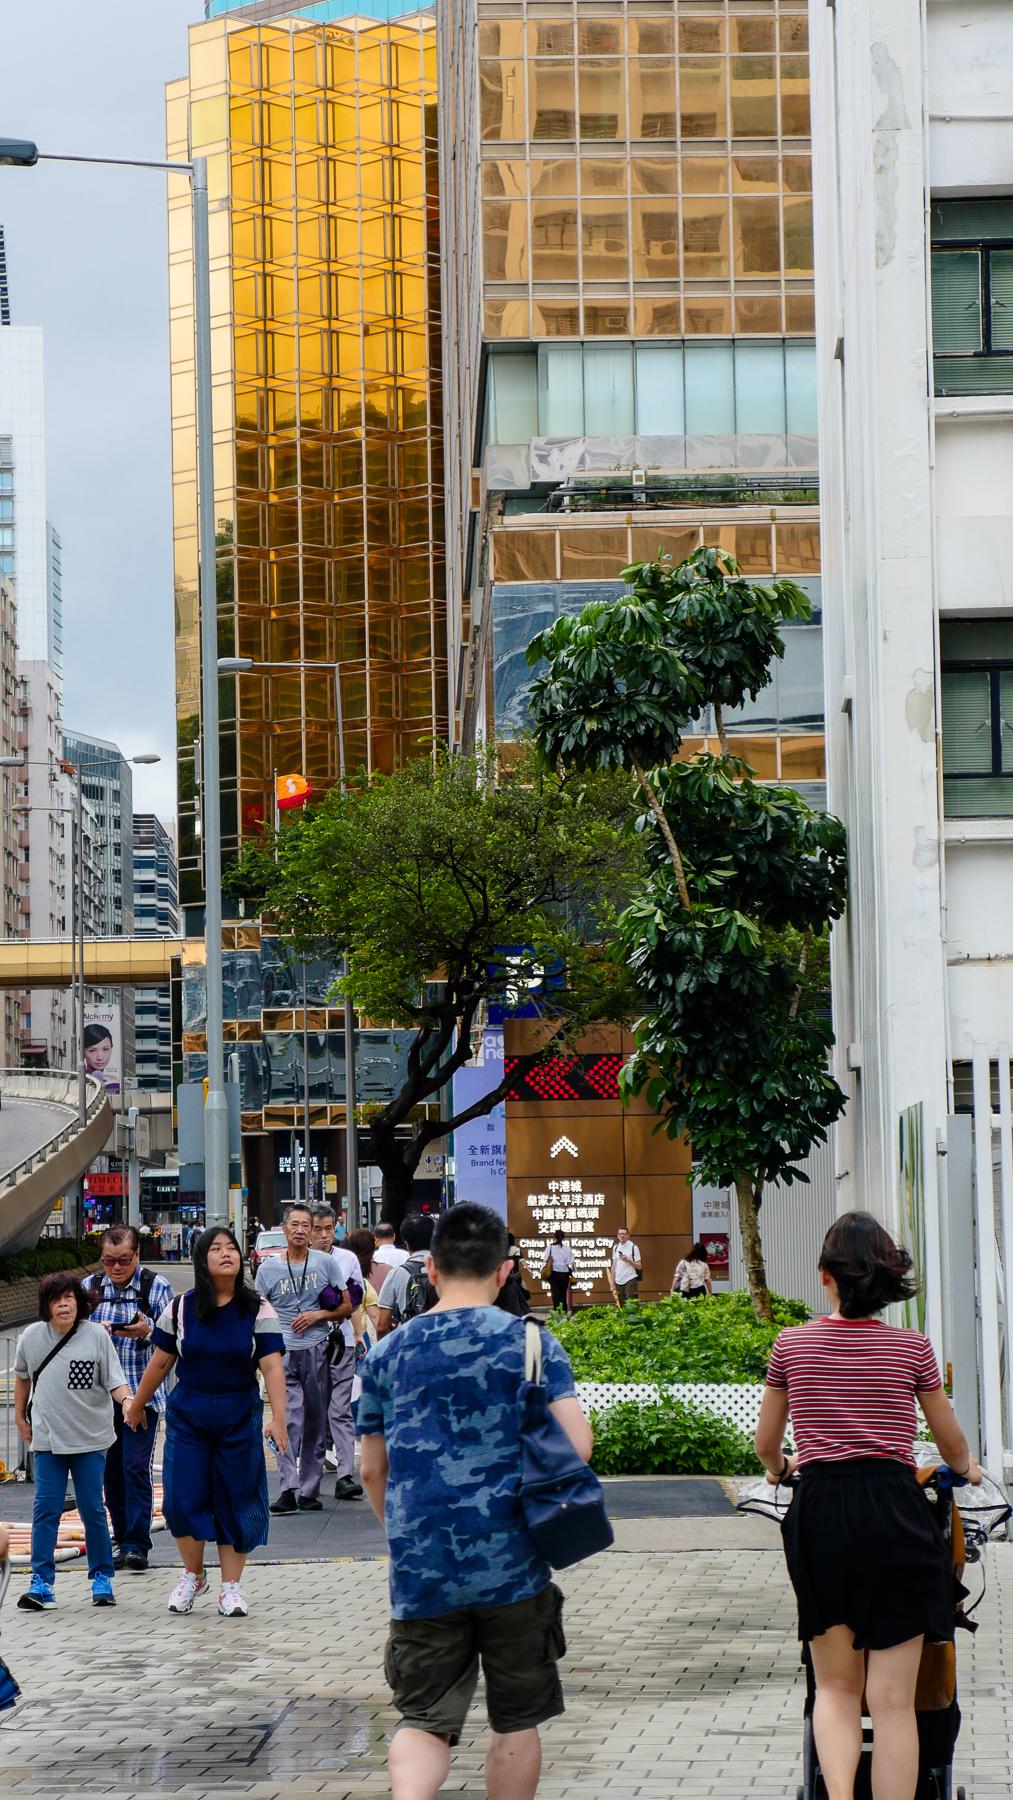 07-hongkong-33.jpg